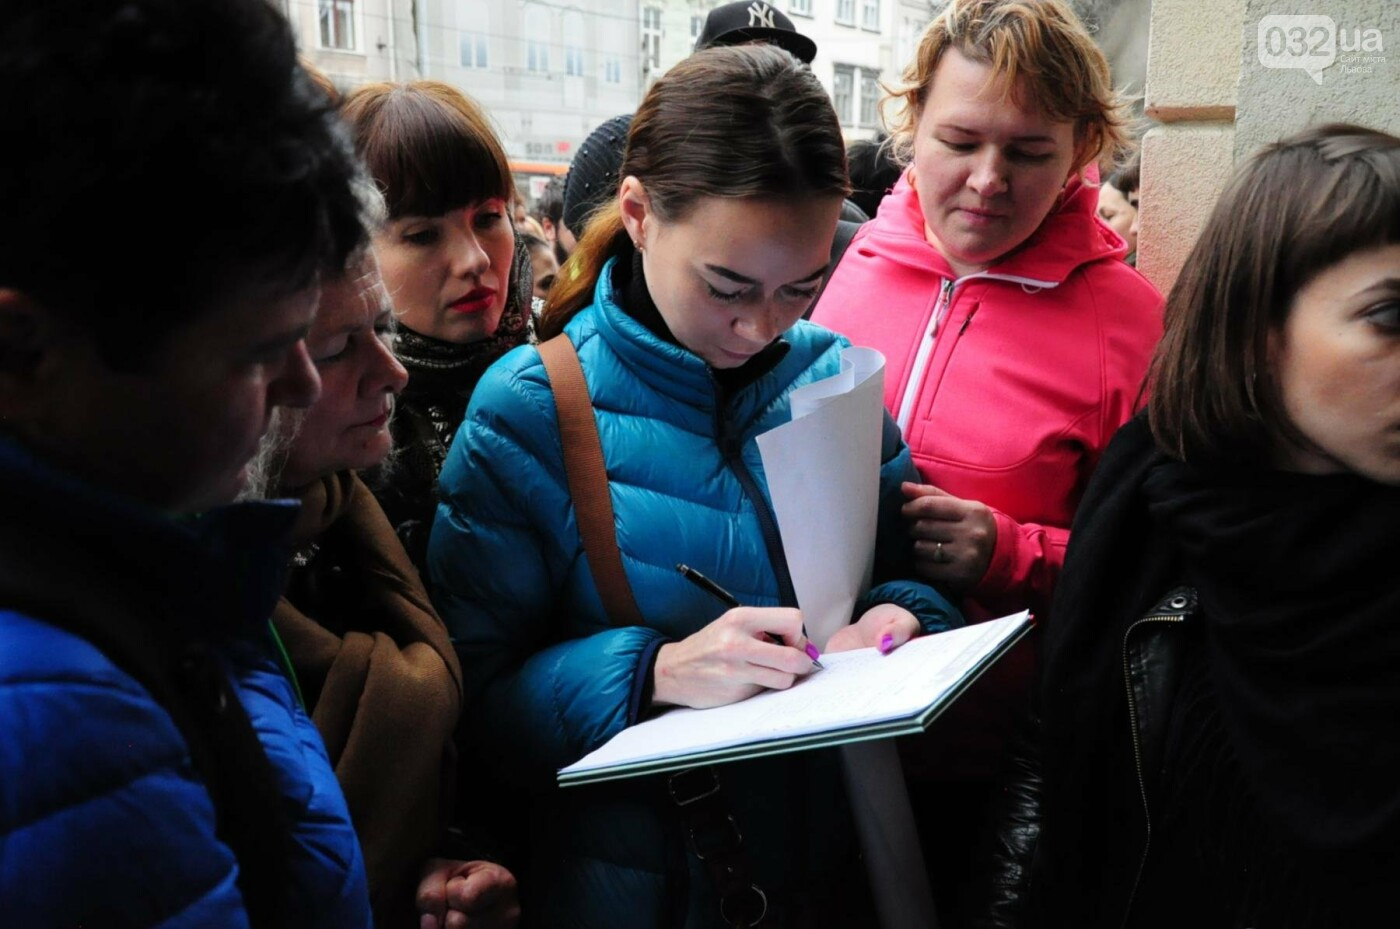 Львів'яни взяли участь у масштабному Марші на захист тварин. Фоторепортаж, фото-9